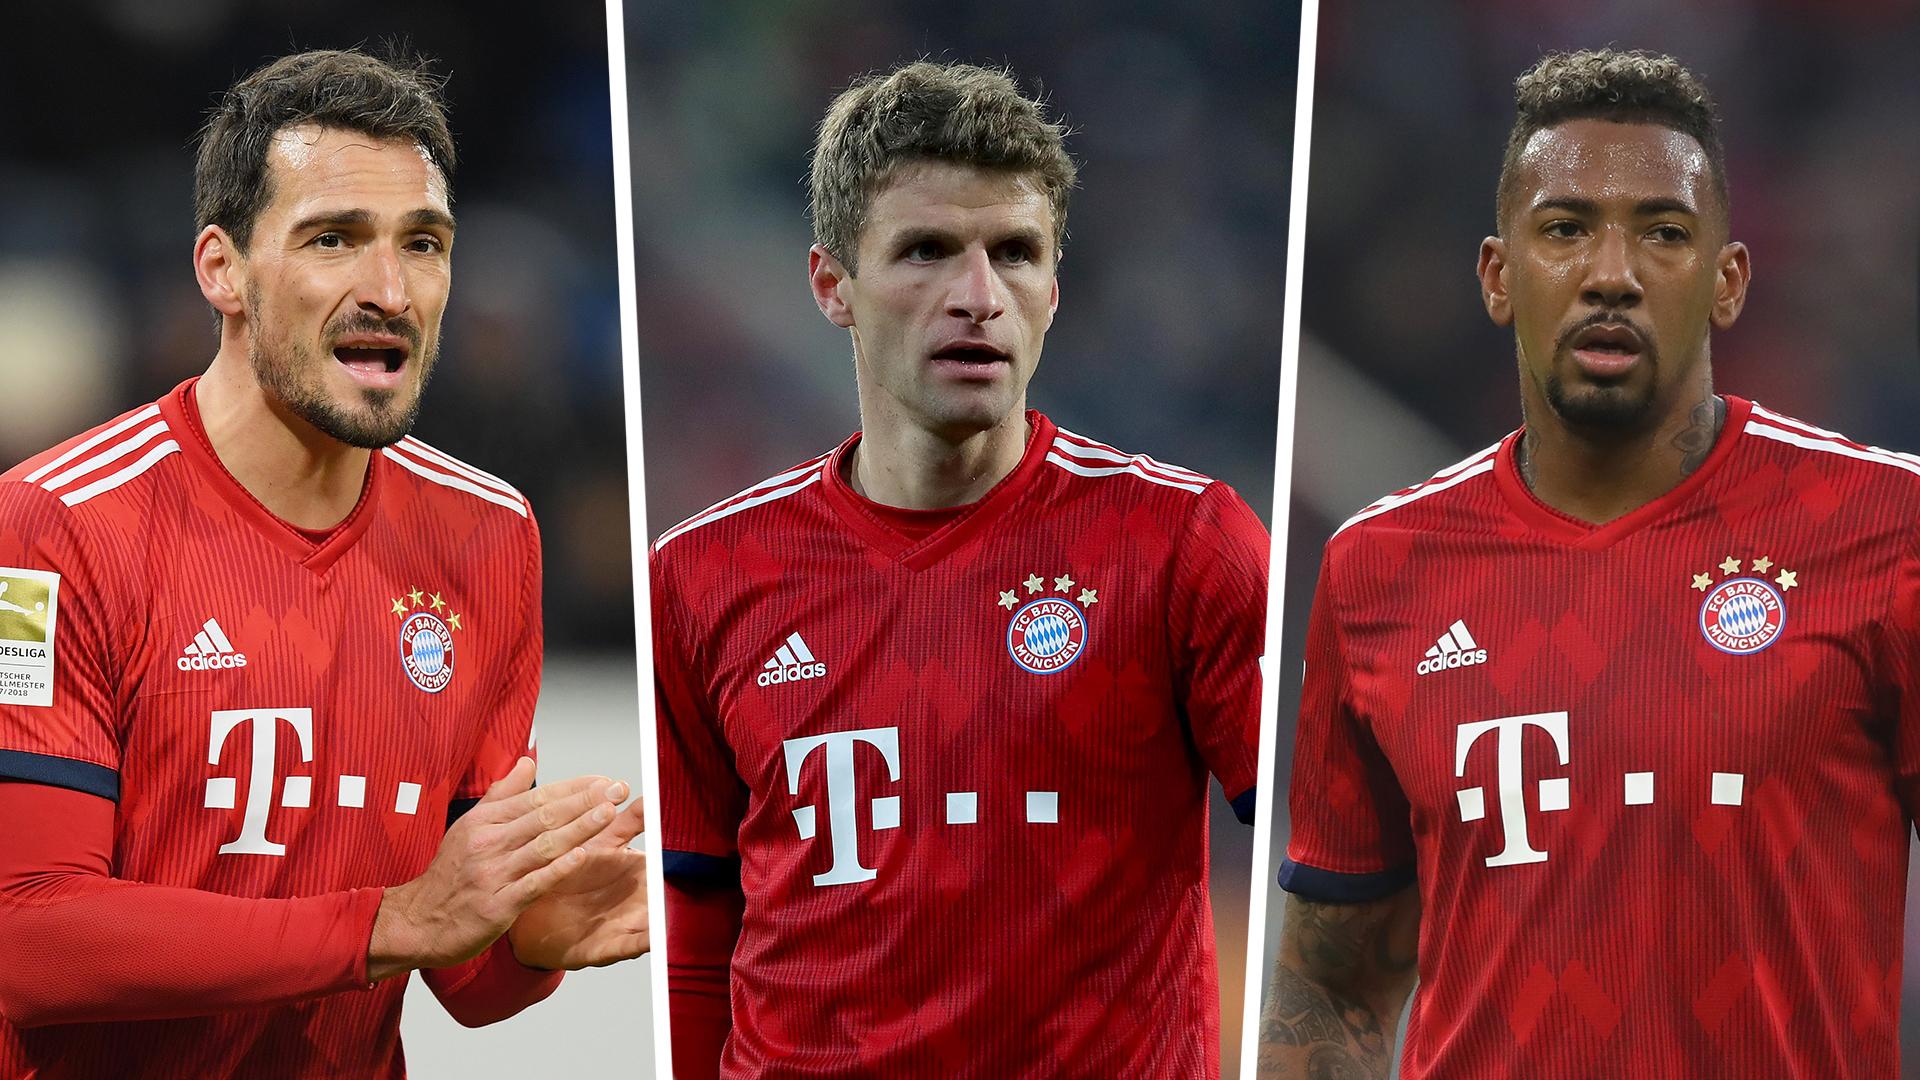 齐格:德国代替拜仁三人组的球员被高估了